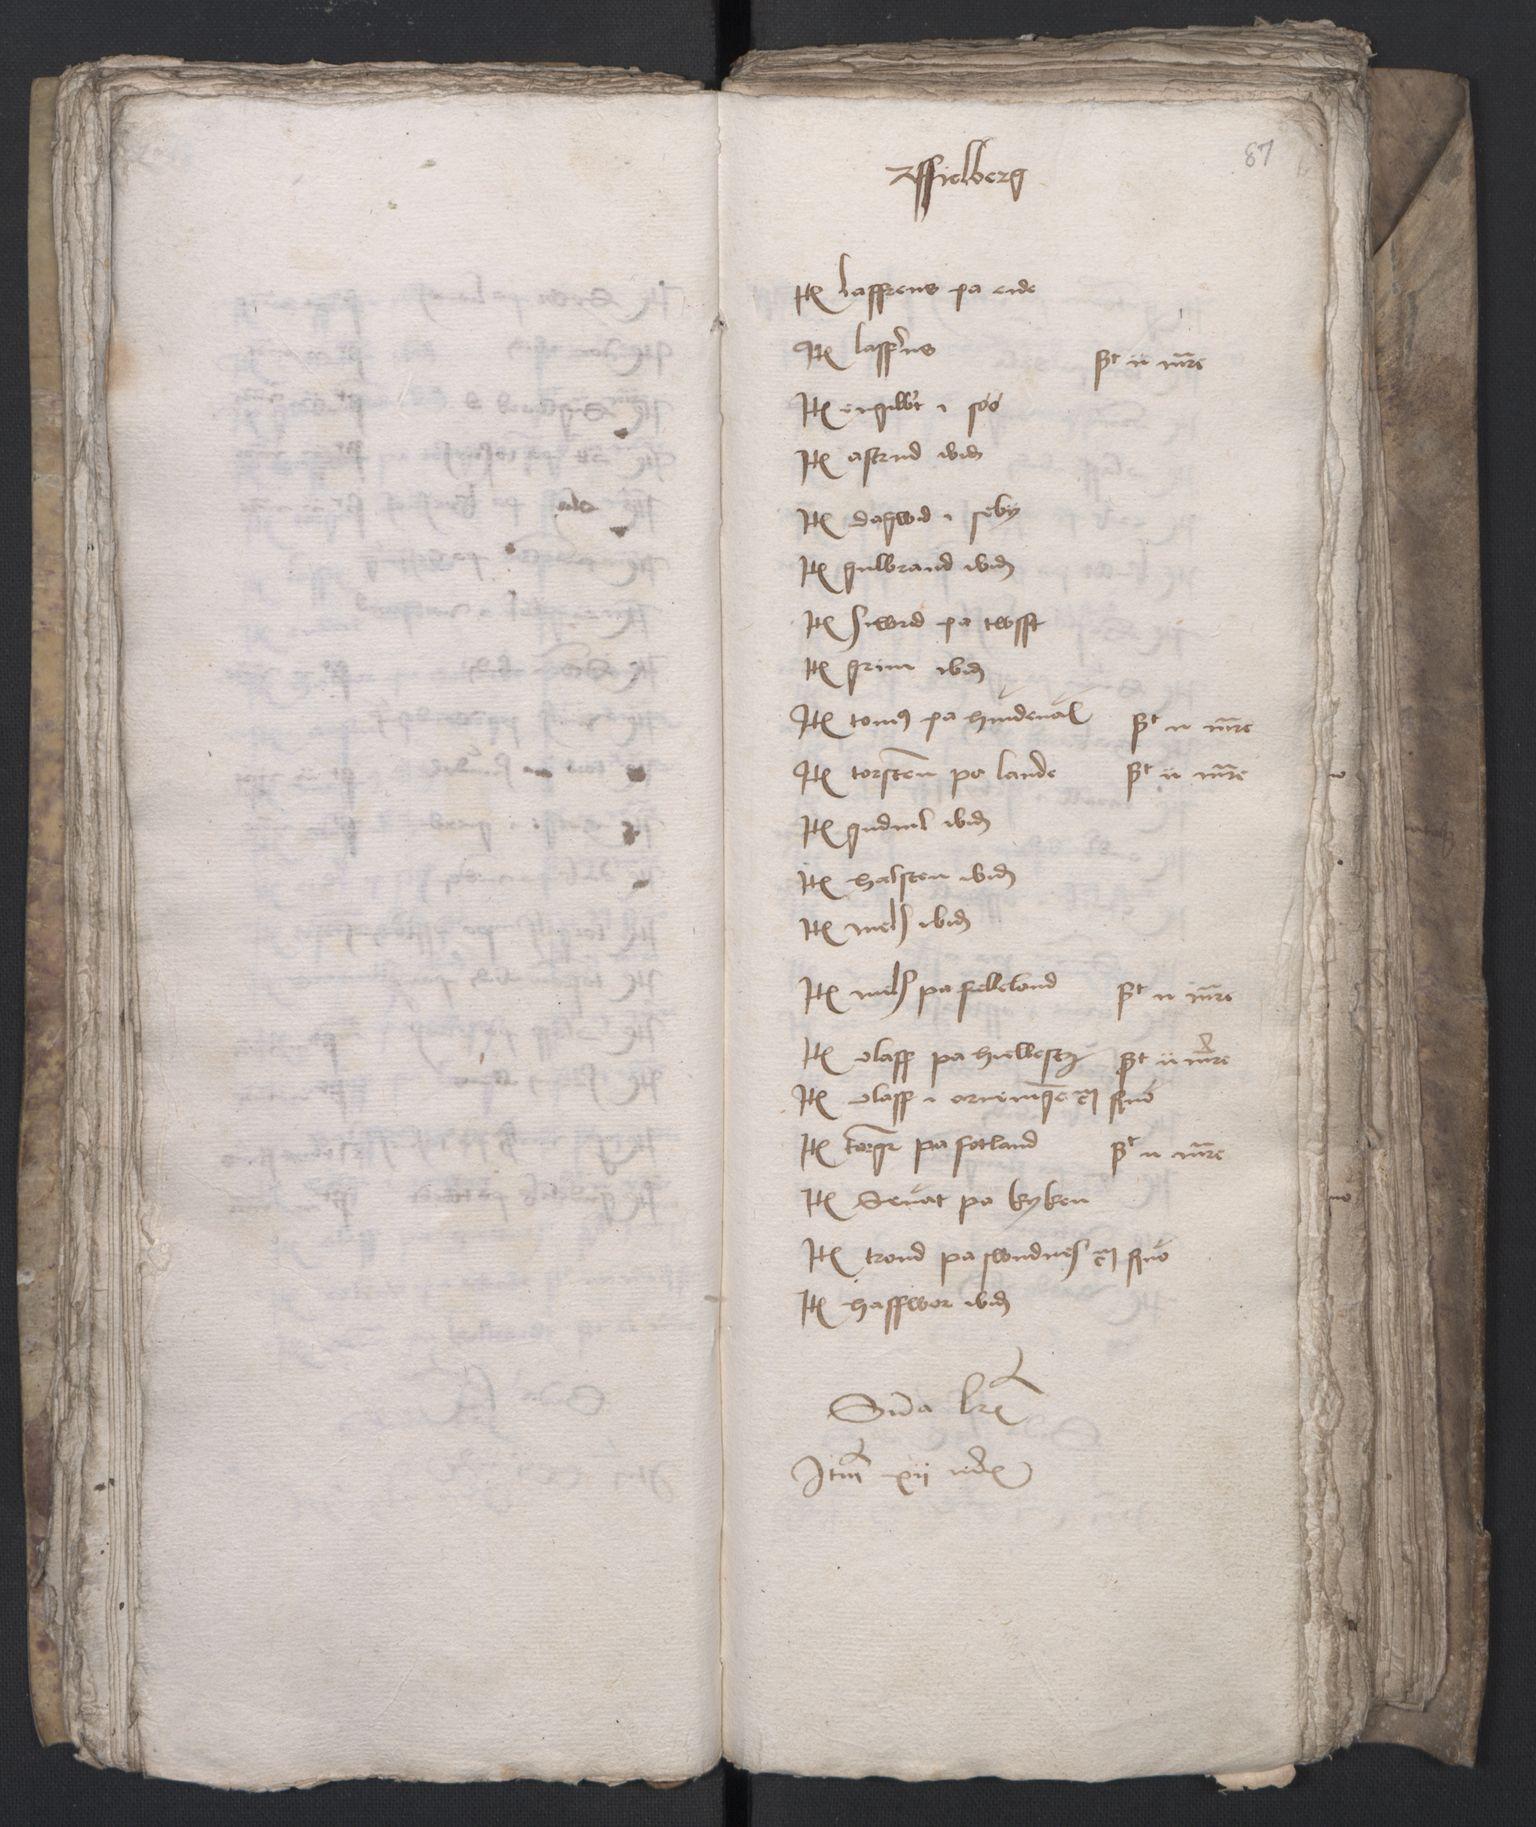 RA, Rentekammeret inntil 1814, Reviderte regnskaper, Lensregnskaper, R/Ra/L0007: Bergenhus len, 1519-1520